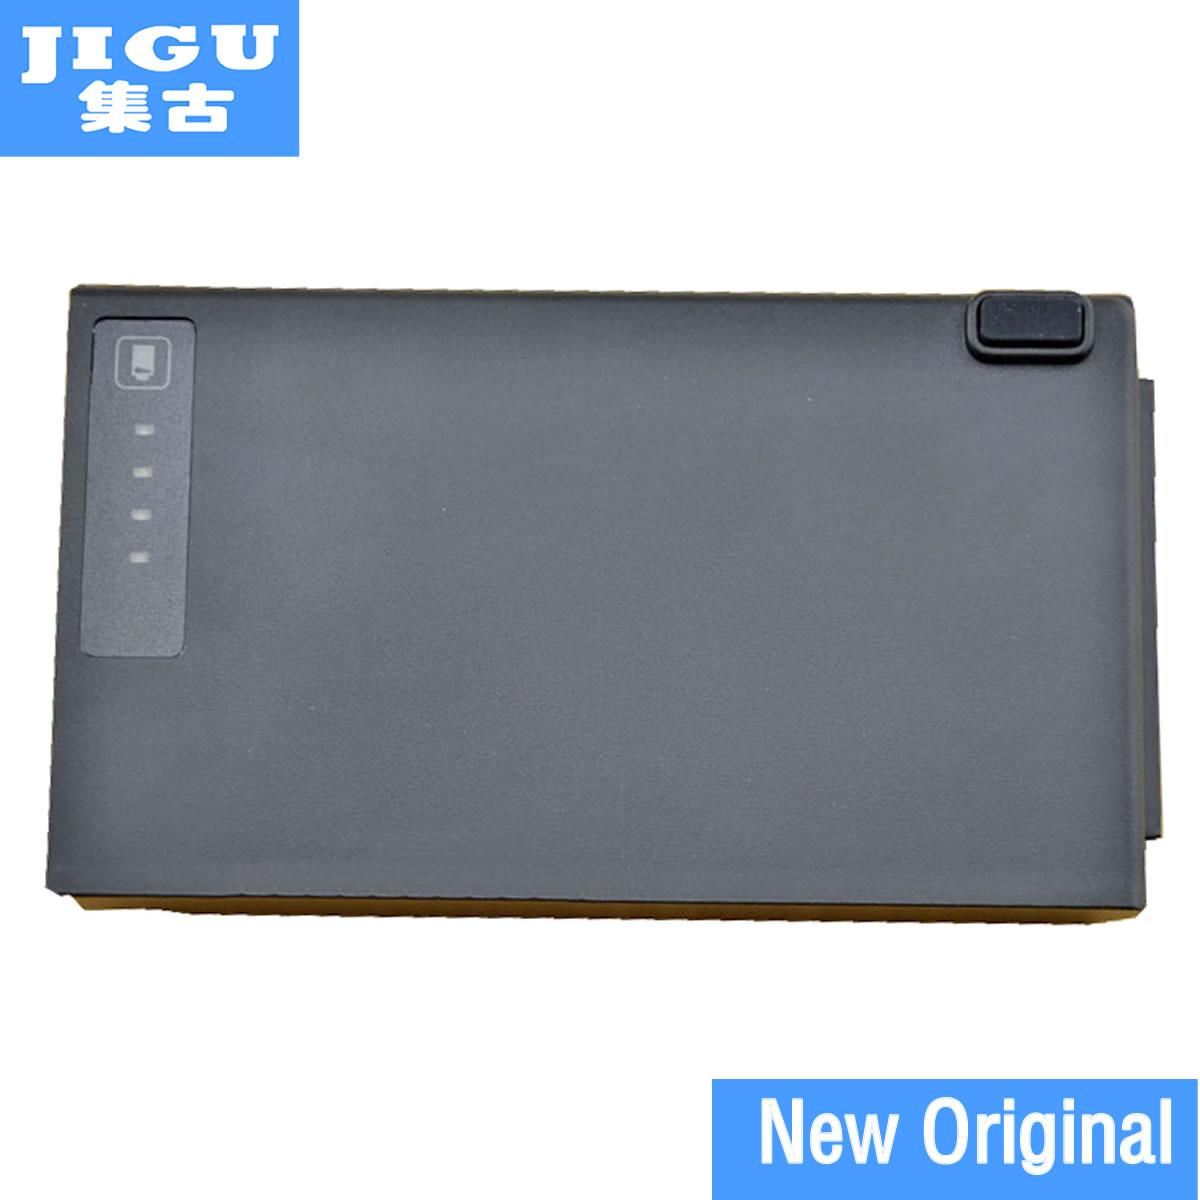 Ji Goo Gratis Pengiriman Pb991a 381373 001 Original Baterai Laptop Peugeot 307 Tahun 2003 Karpet Mobil Comfort Deluxe 12mm Car Mat Full Set Hp Notebook Bisnis Nc4000 Nc4200 4200 Nc4400 Tc4200 Tc4400